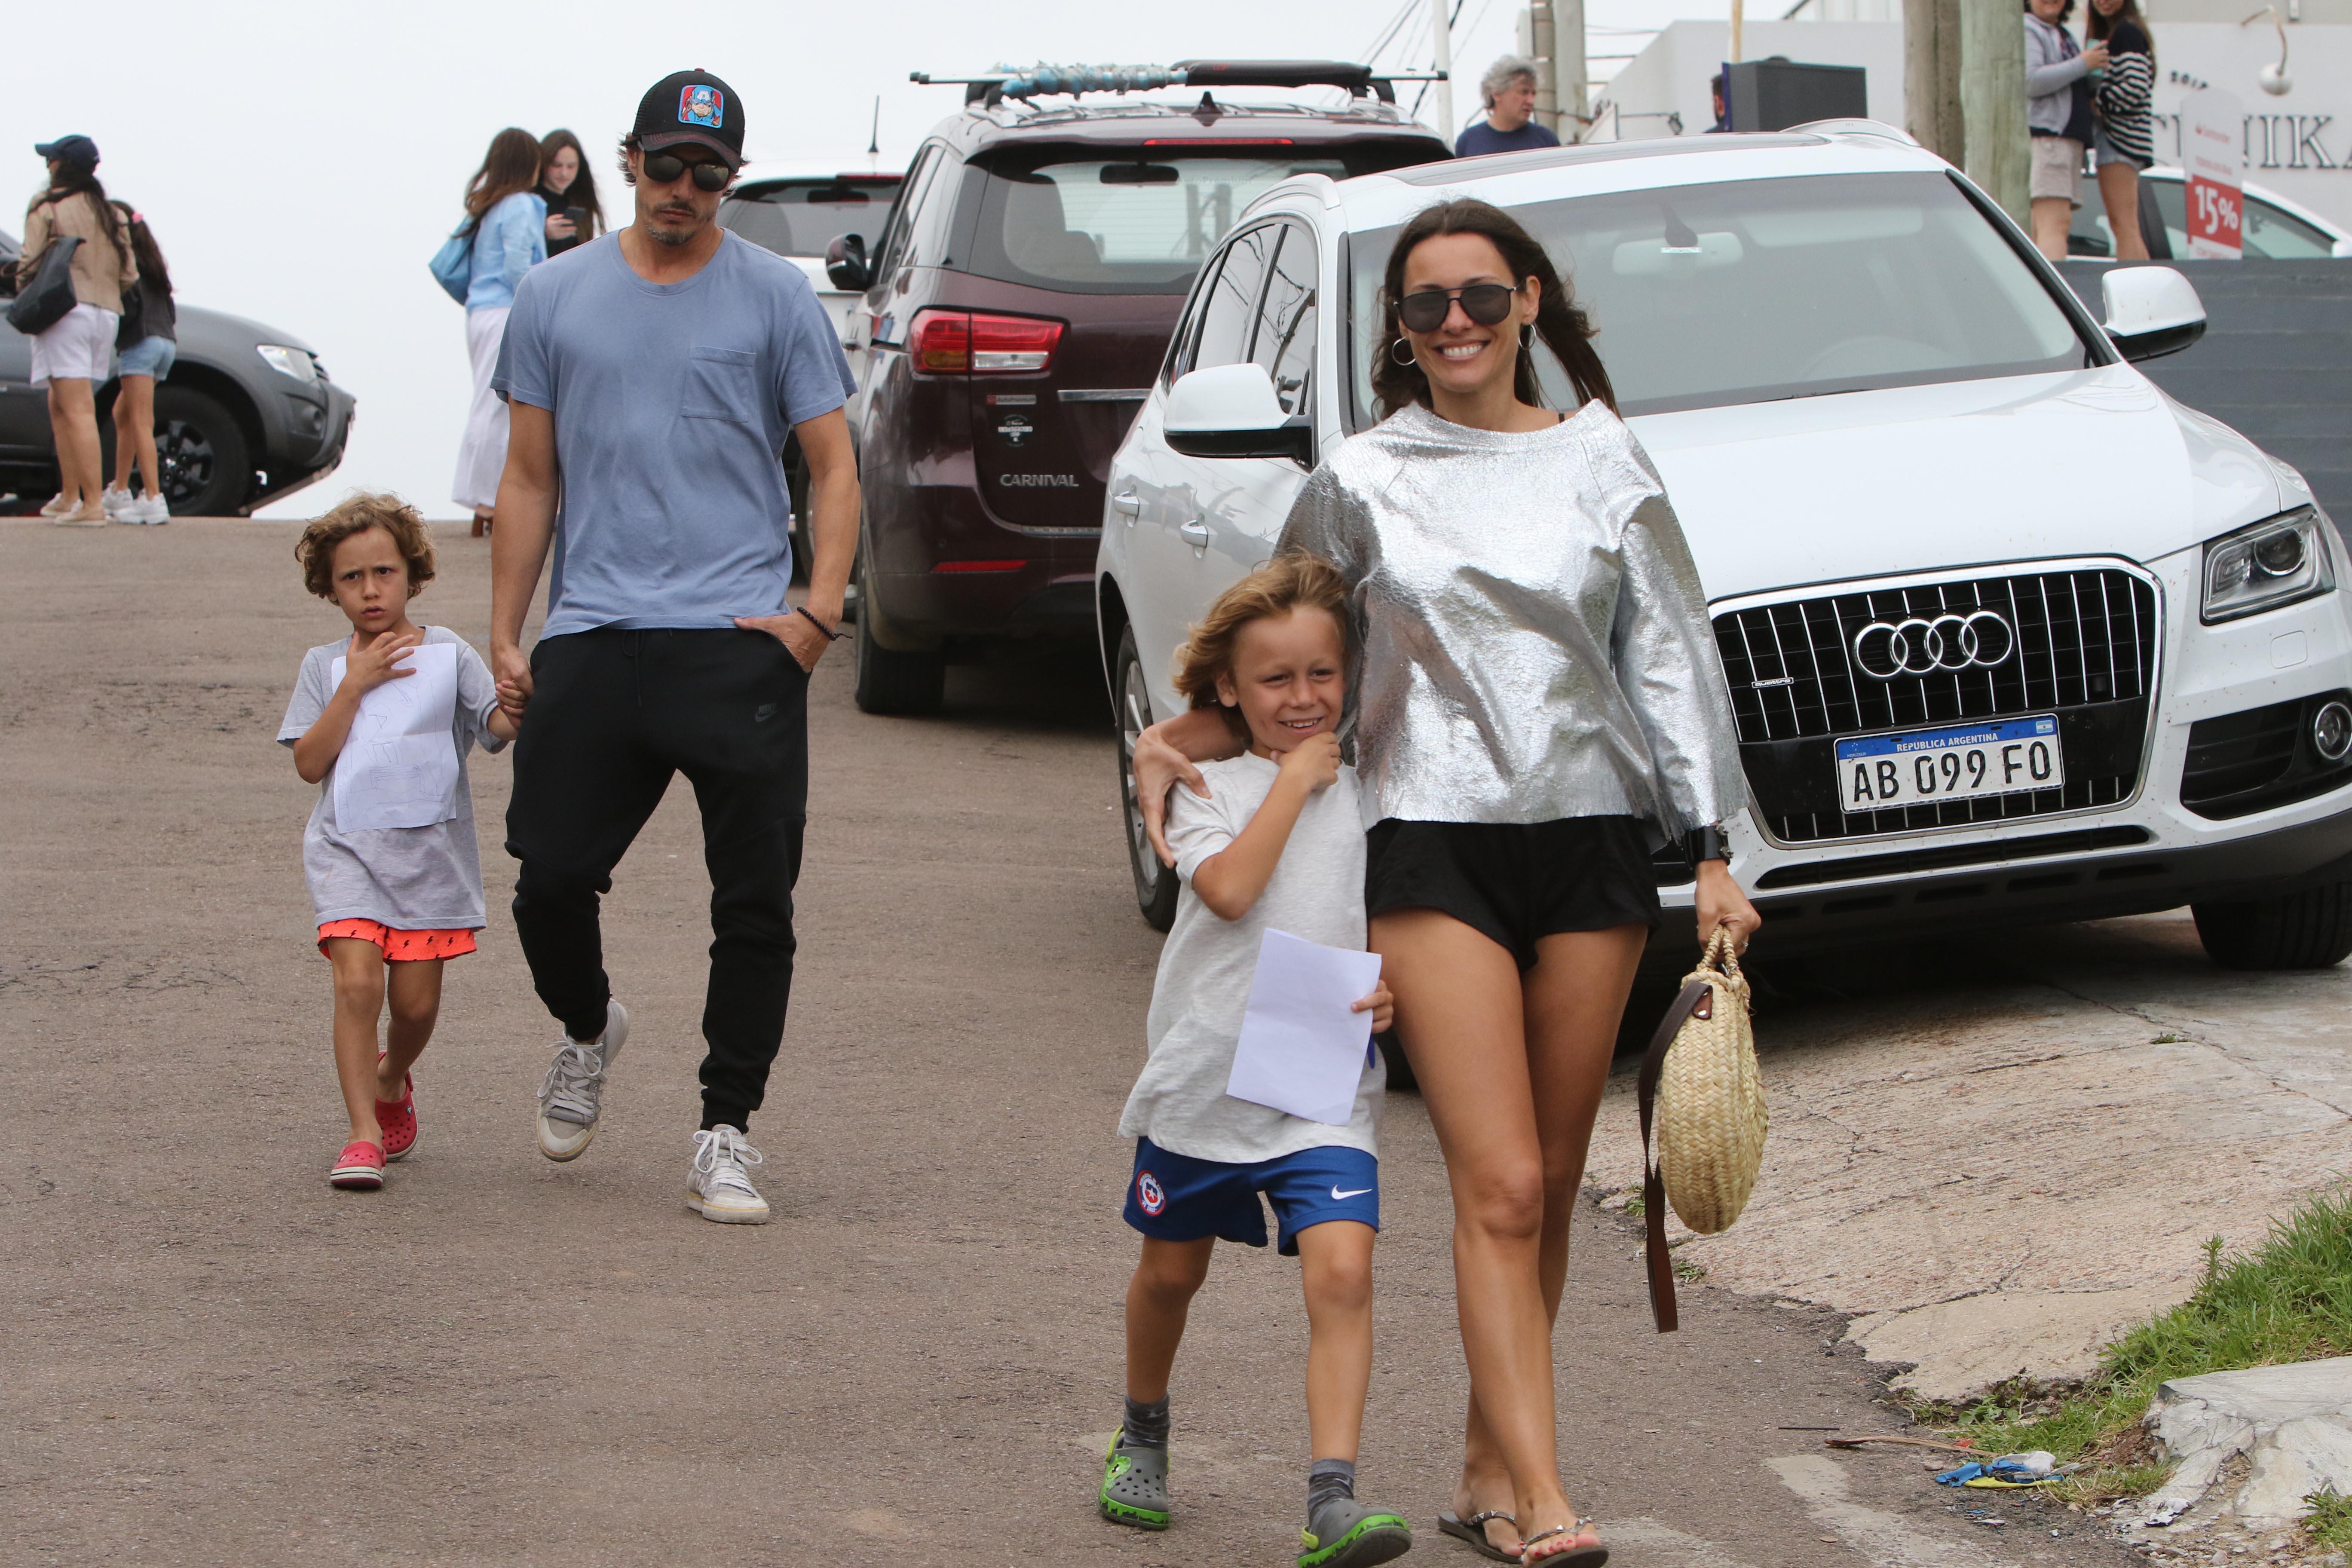 Un buzo metalizado, short negro y cartera de rafia para un paseo en familia en un día nublado